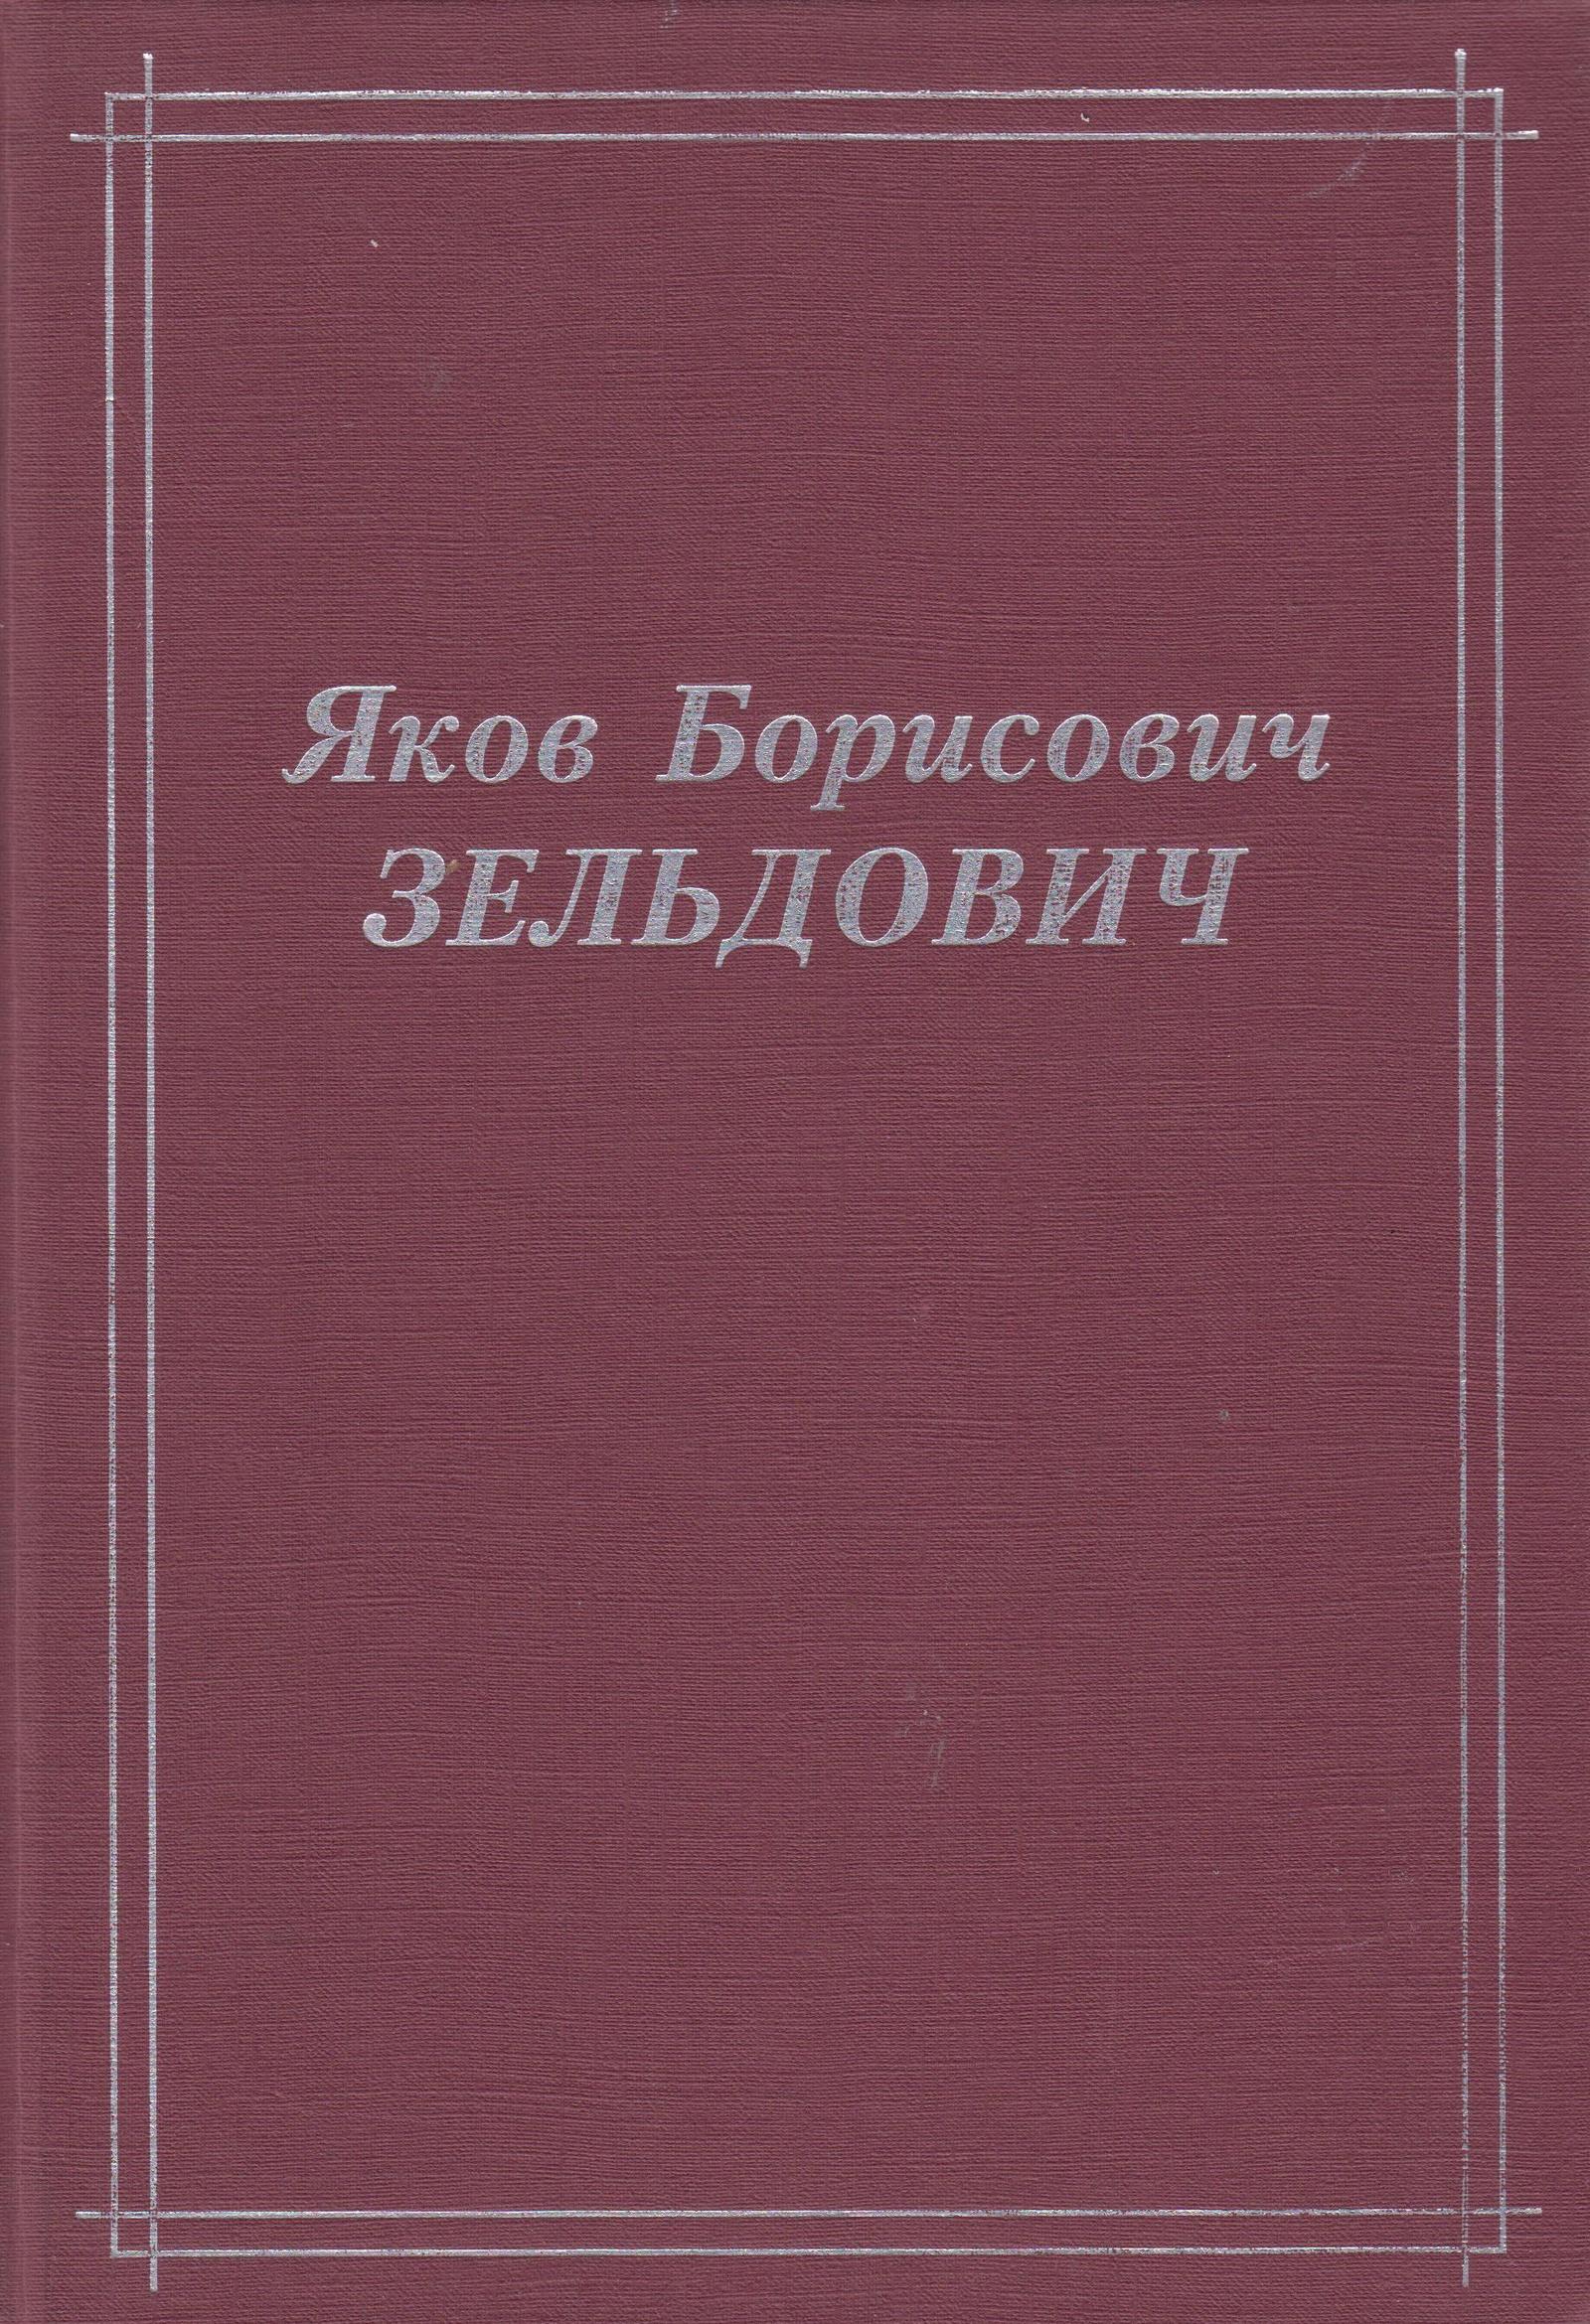 цена на Яков Борисович Зельдович (воспоминания, письма, документы)